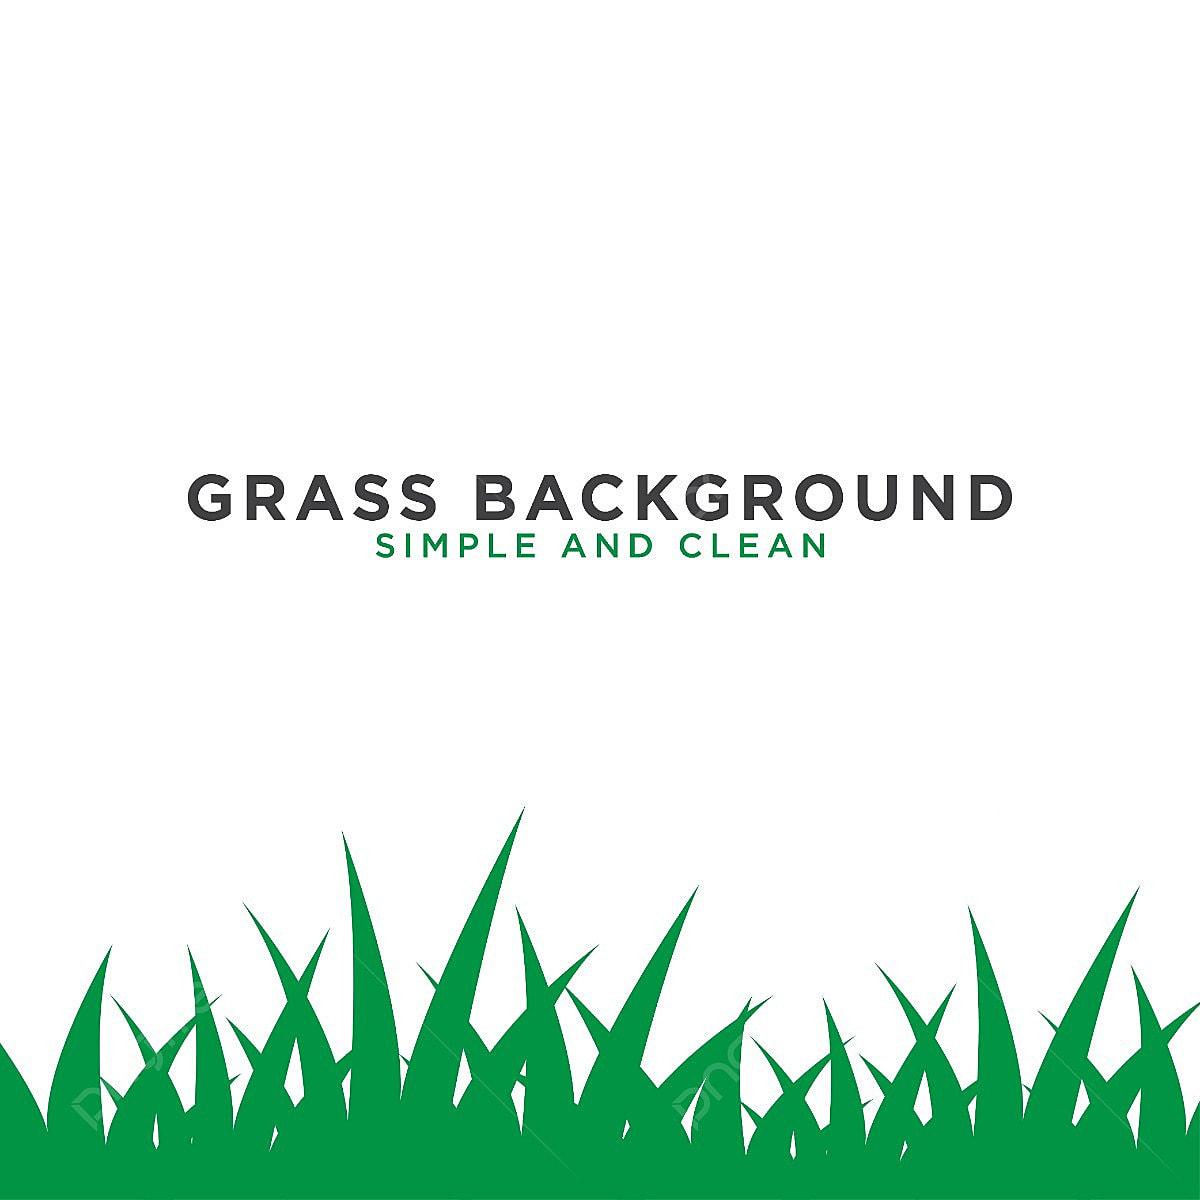 Grass Background Design Template Capim Fundo Ceu Png E Vetor